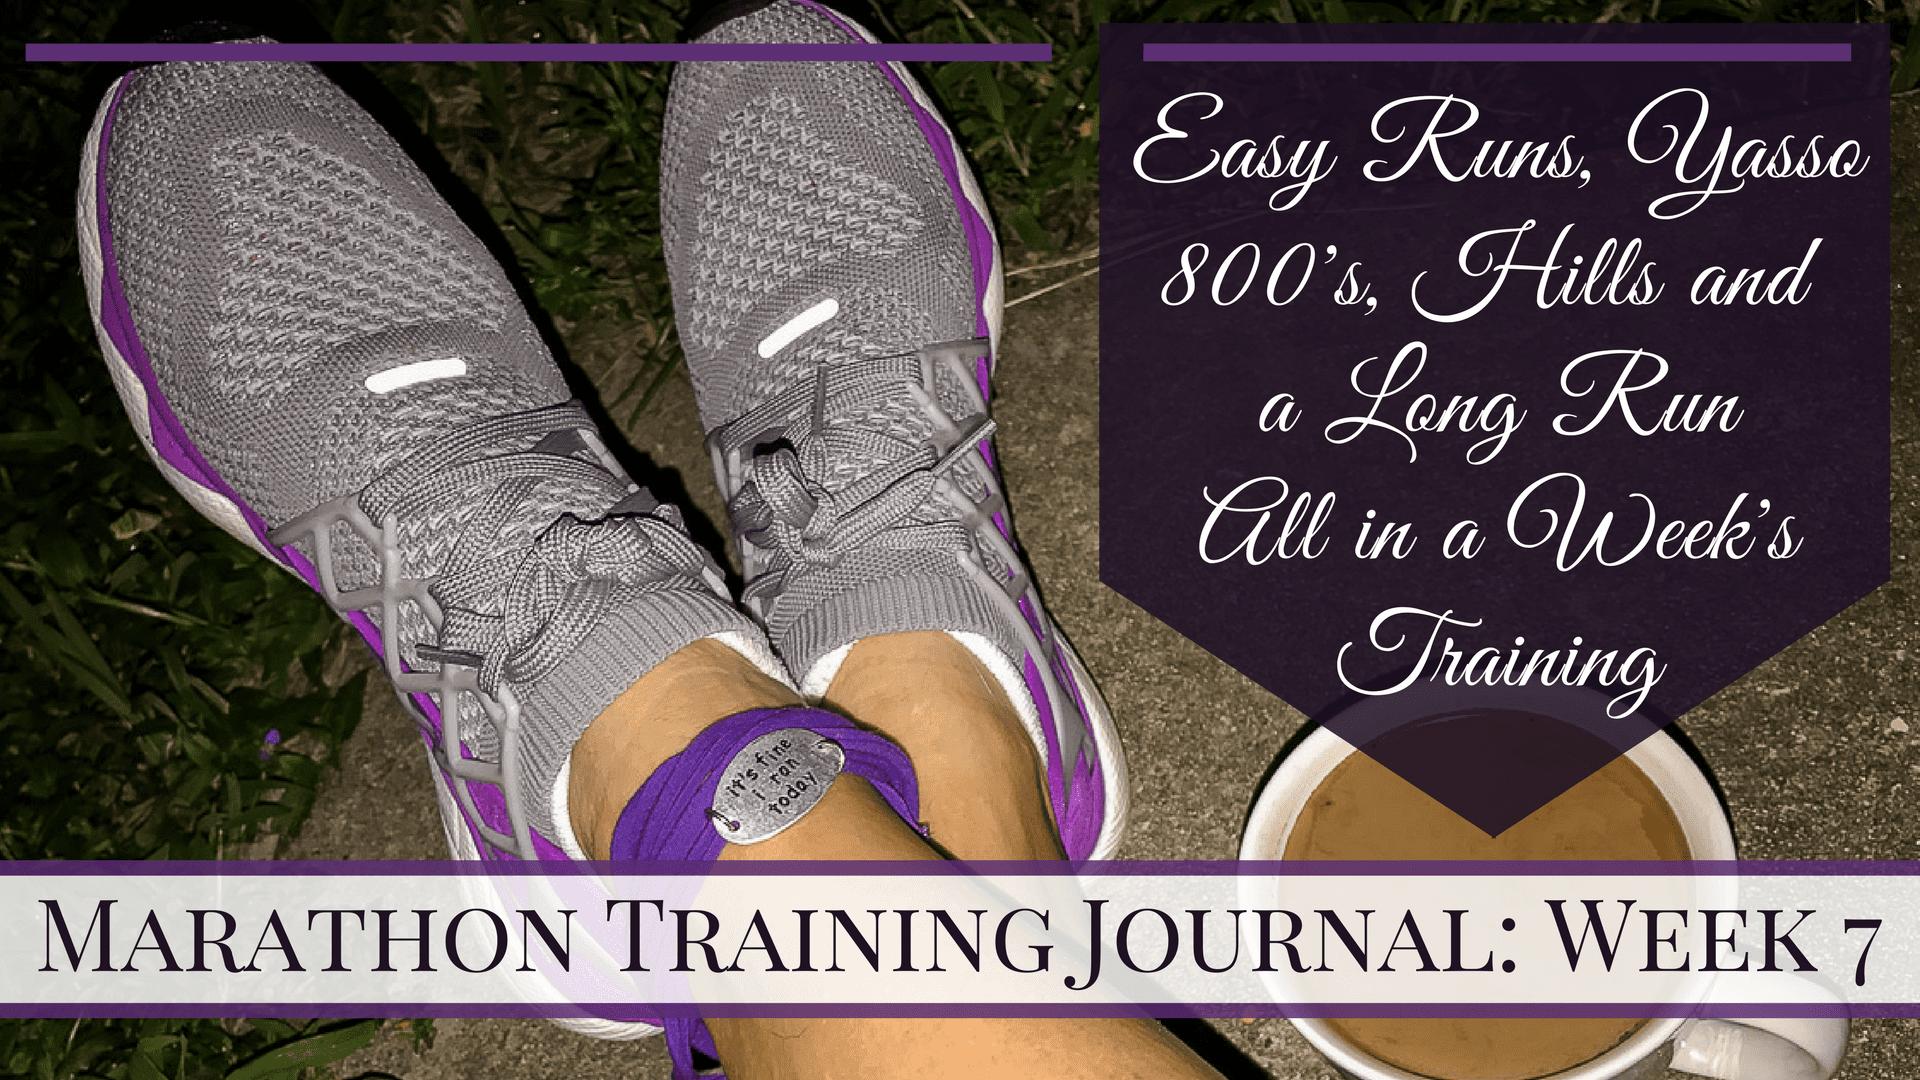 Marathon Training Journal- Week 7